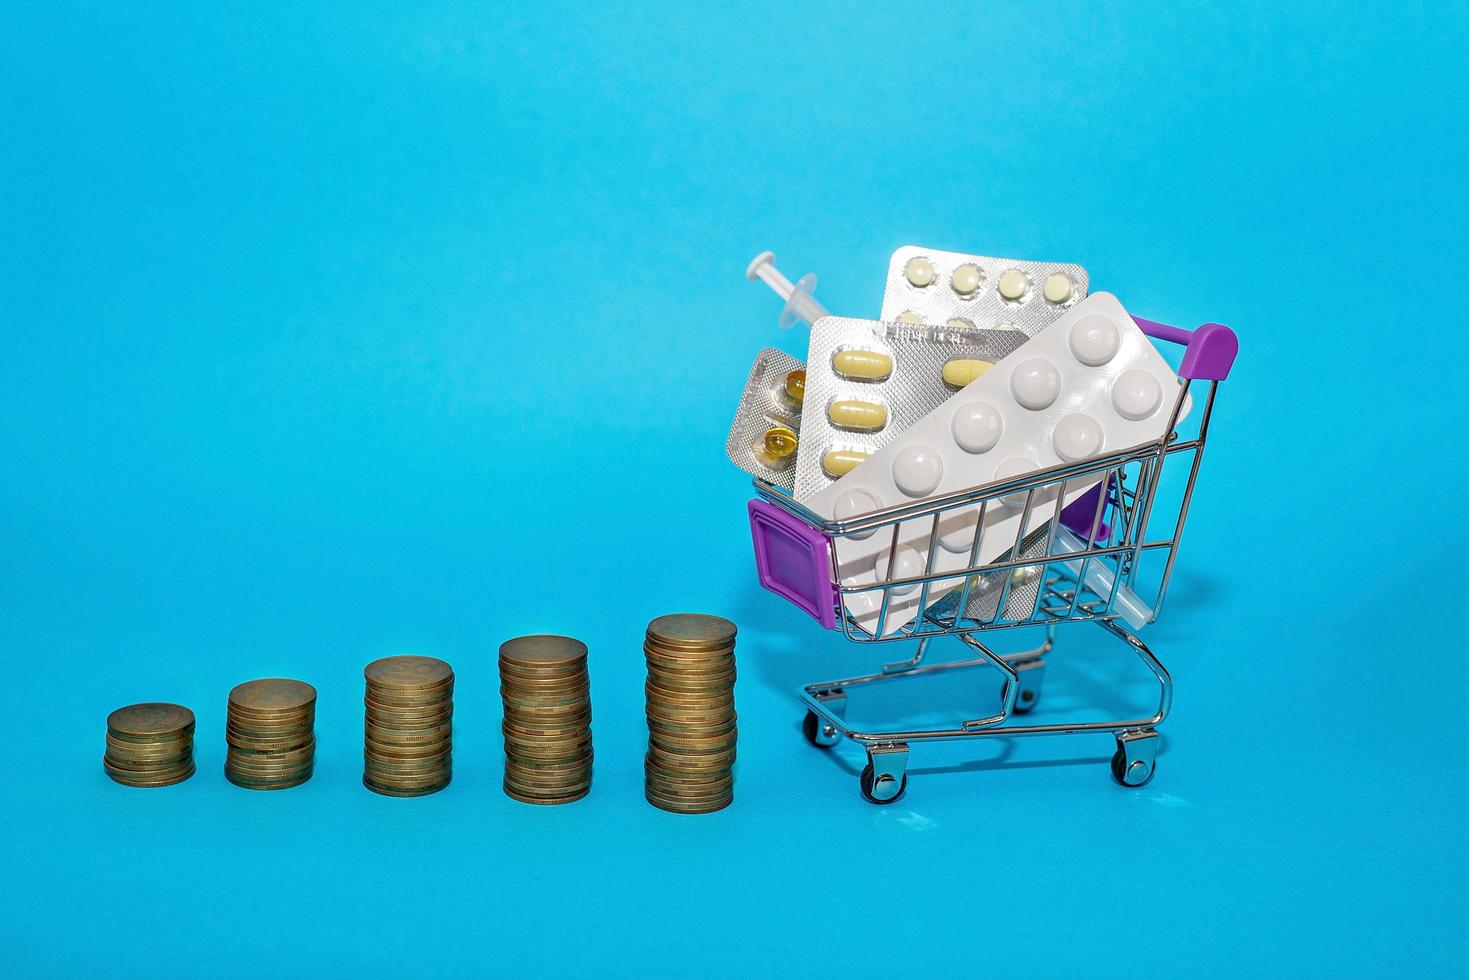 une pile de pièces d'affilée avec un chariot d'épicerie avec des médicaments sur fond bleu. saut de concept de saut de prix des médicaments. pandémie de coronovirus covid-19 photo